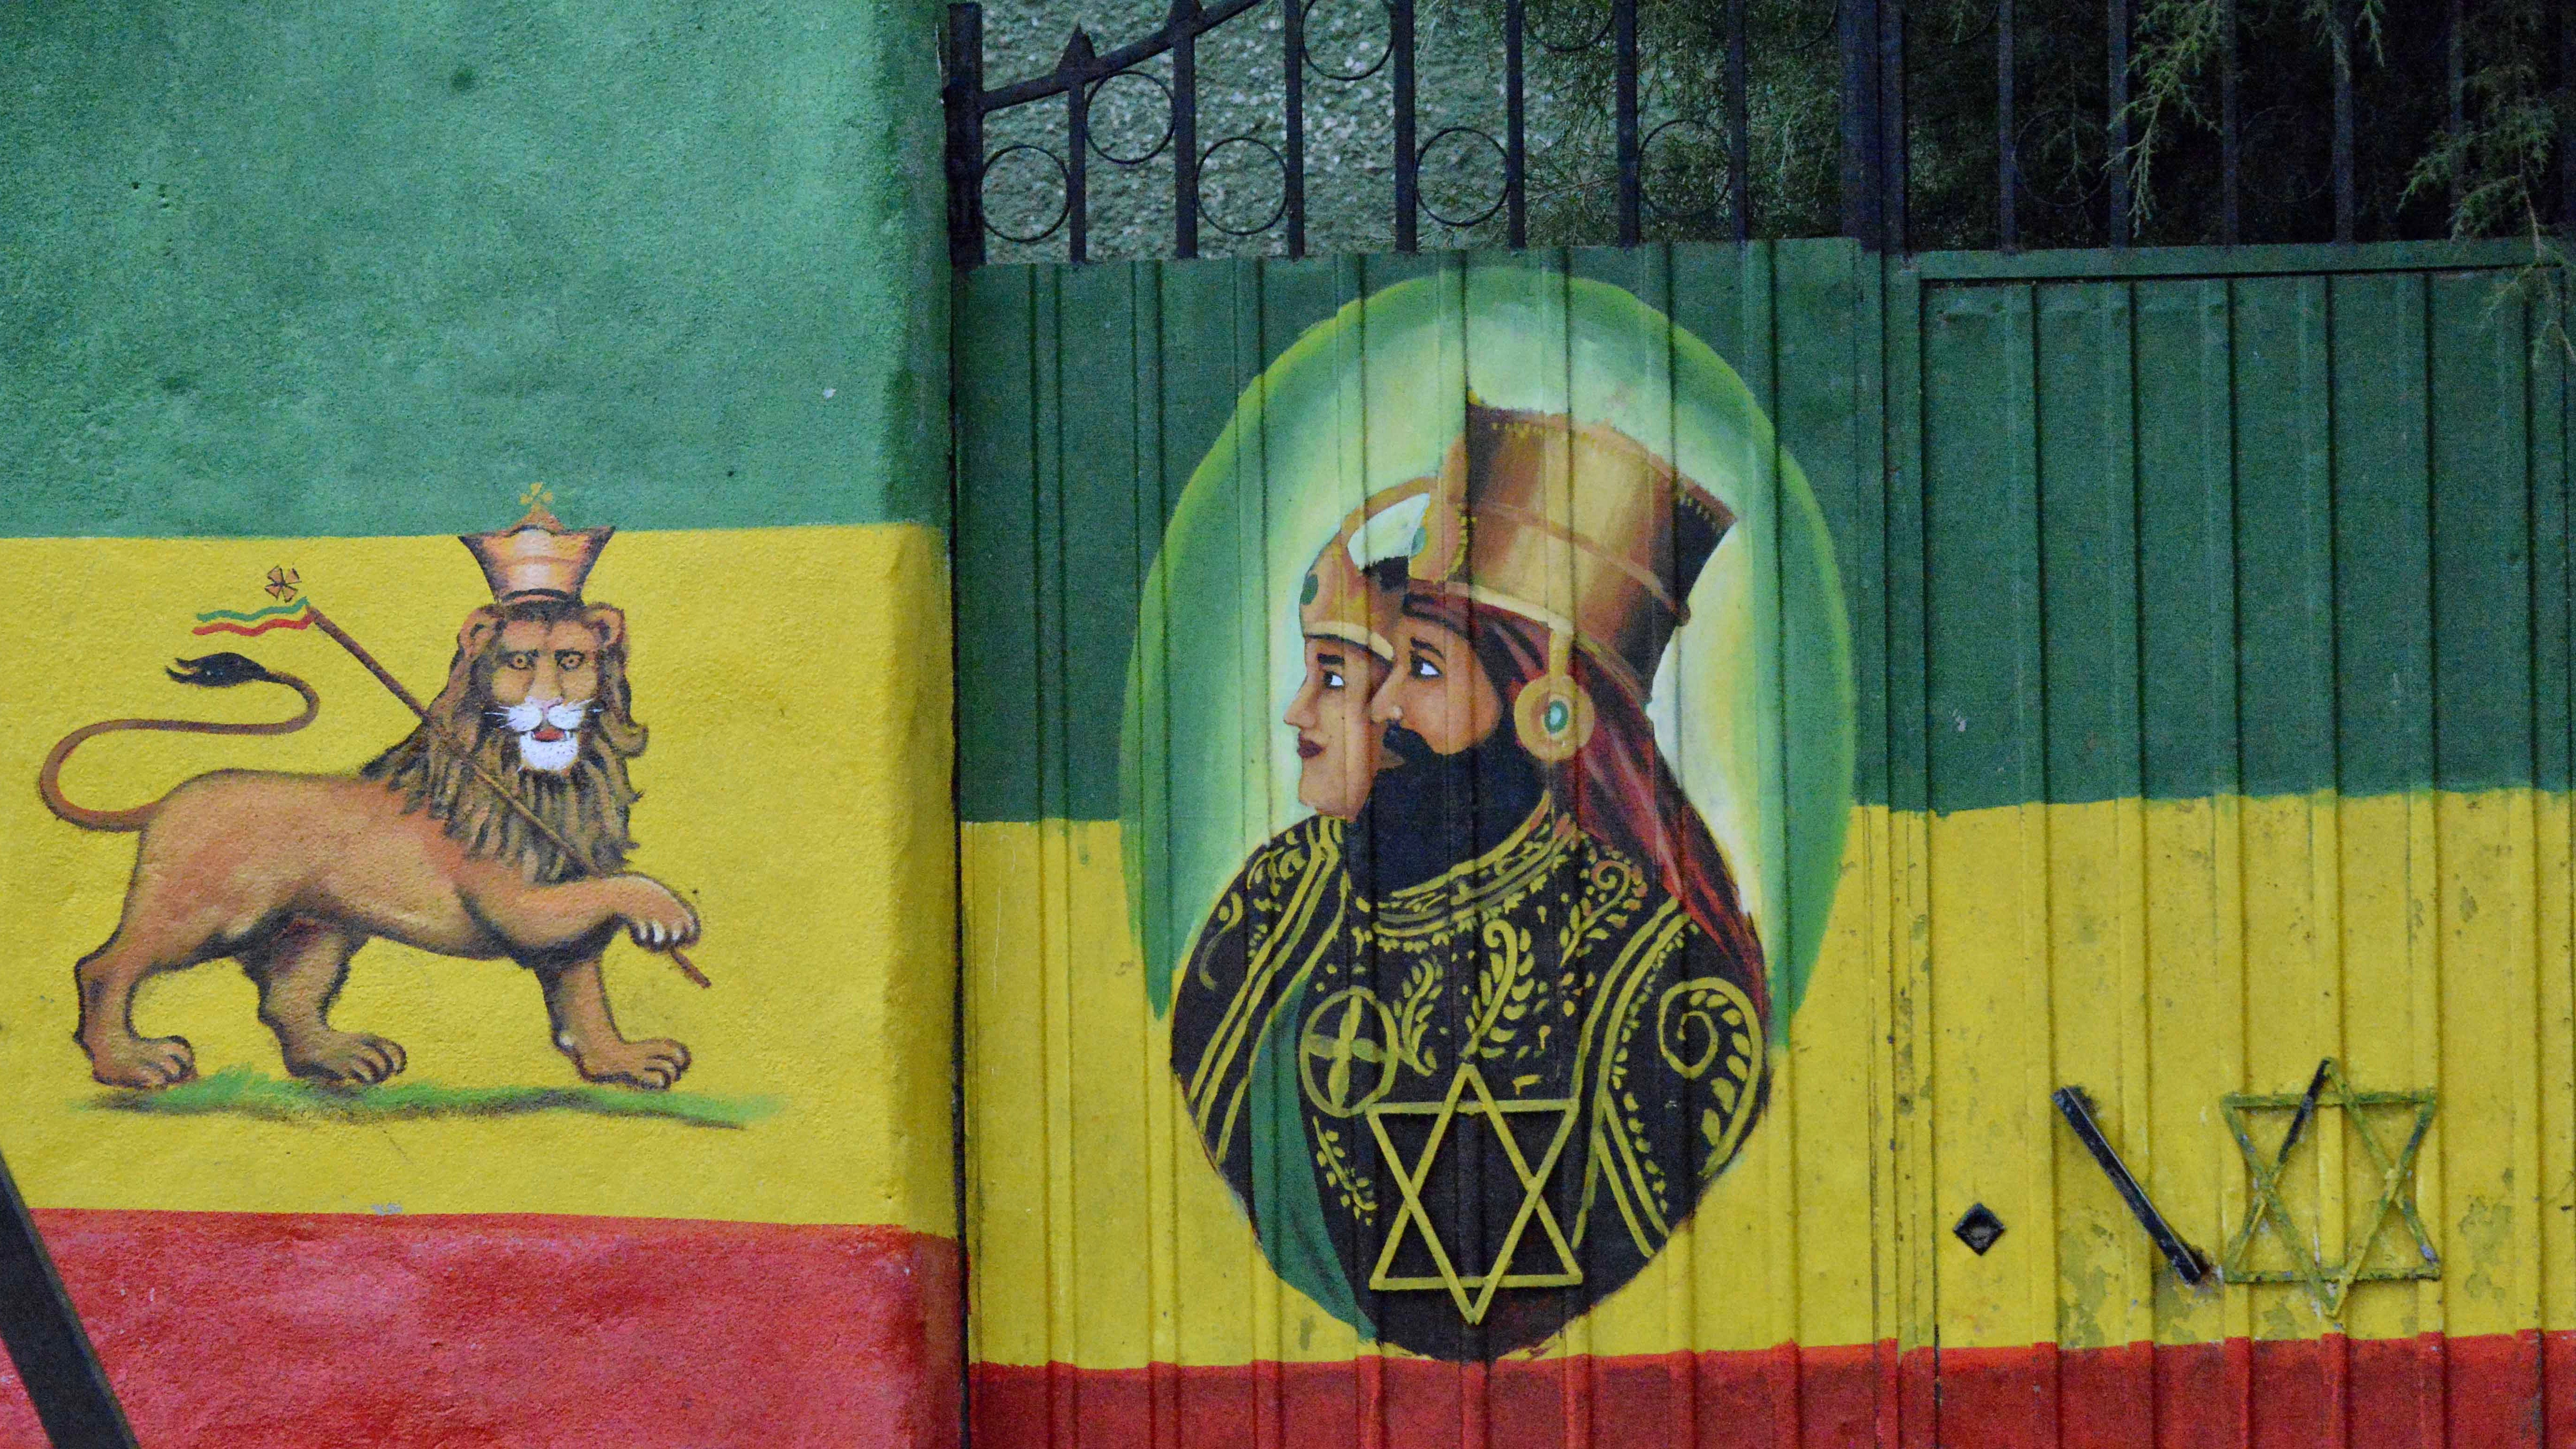 Rastafarian street art in Ethiopia.